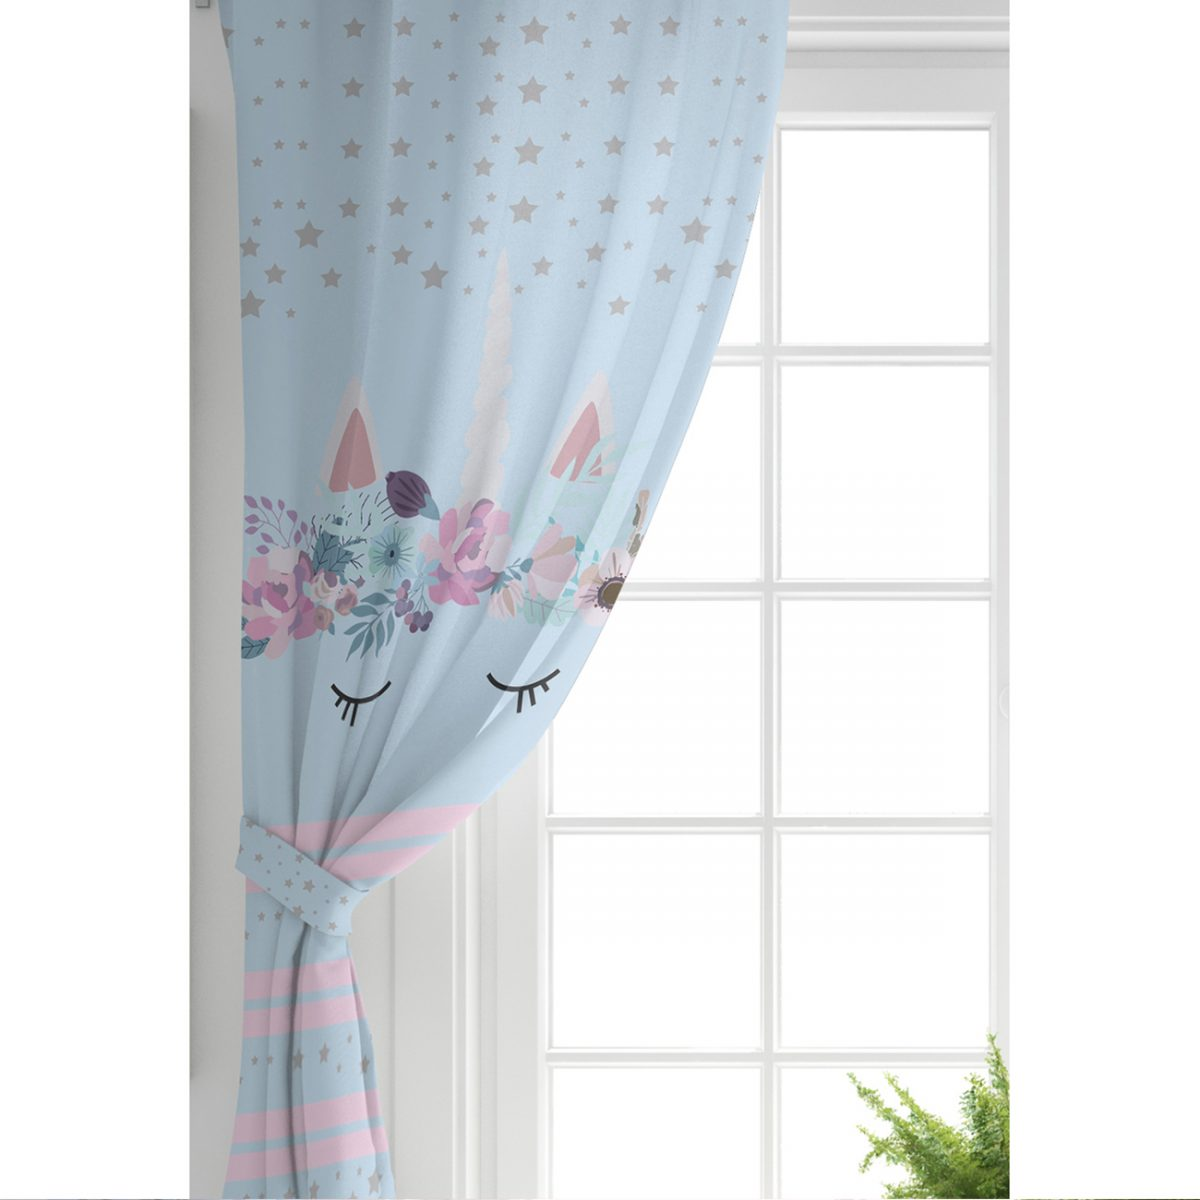 Mavi Zeminde Baby Shower Özel Tasarım Çocuk Odası Fon Perde Realhomes